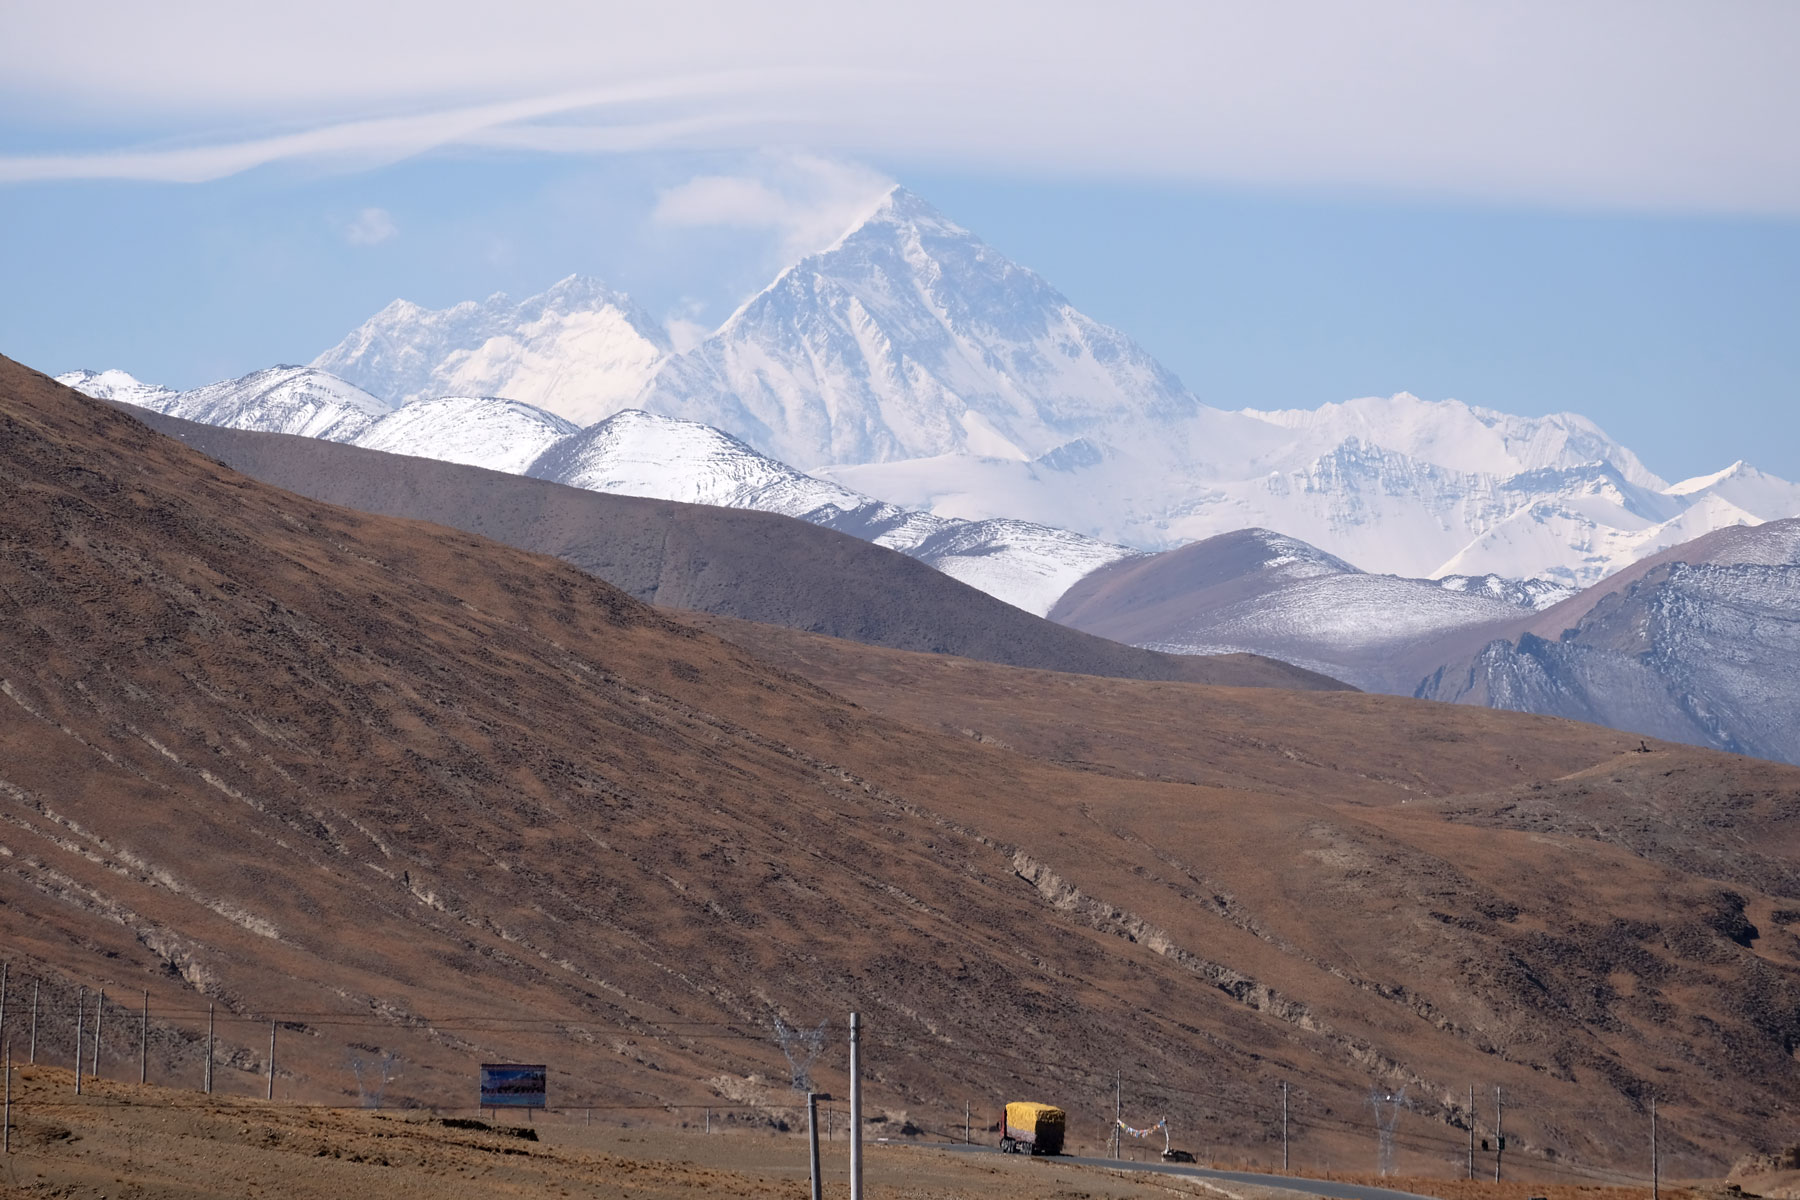 Ein Laster fährt auf dem Friendship Highway, im Hintergrund erheben sich die Berge.